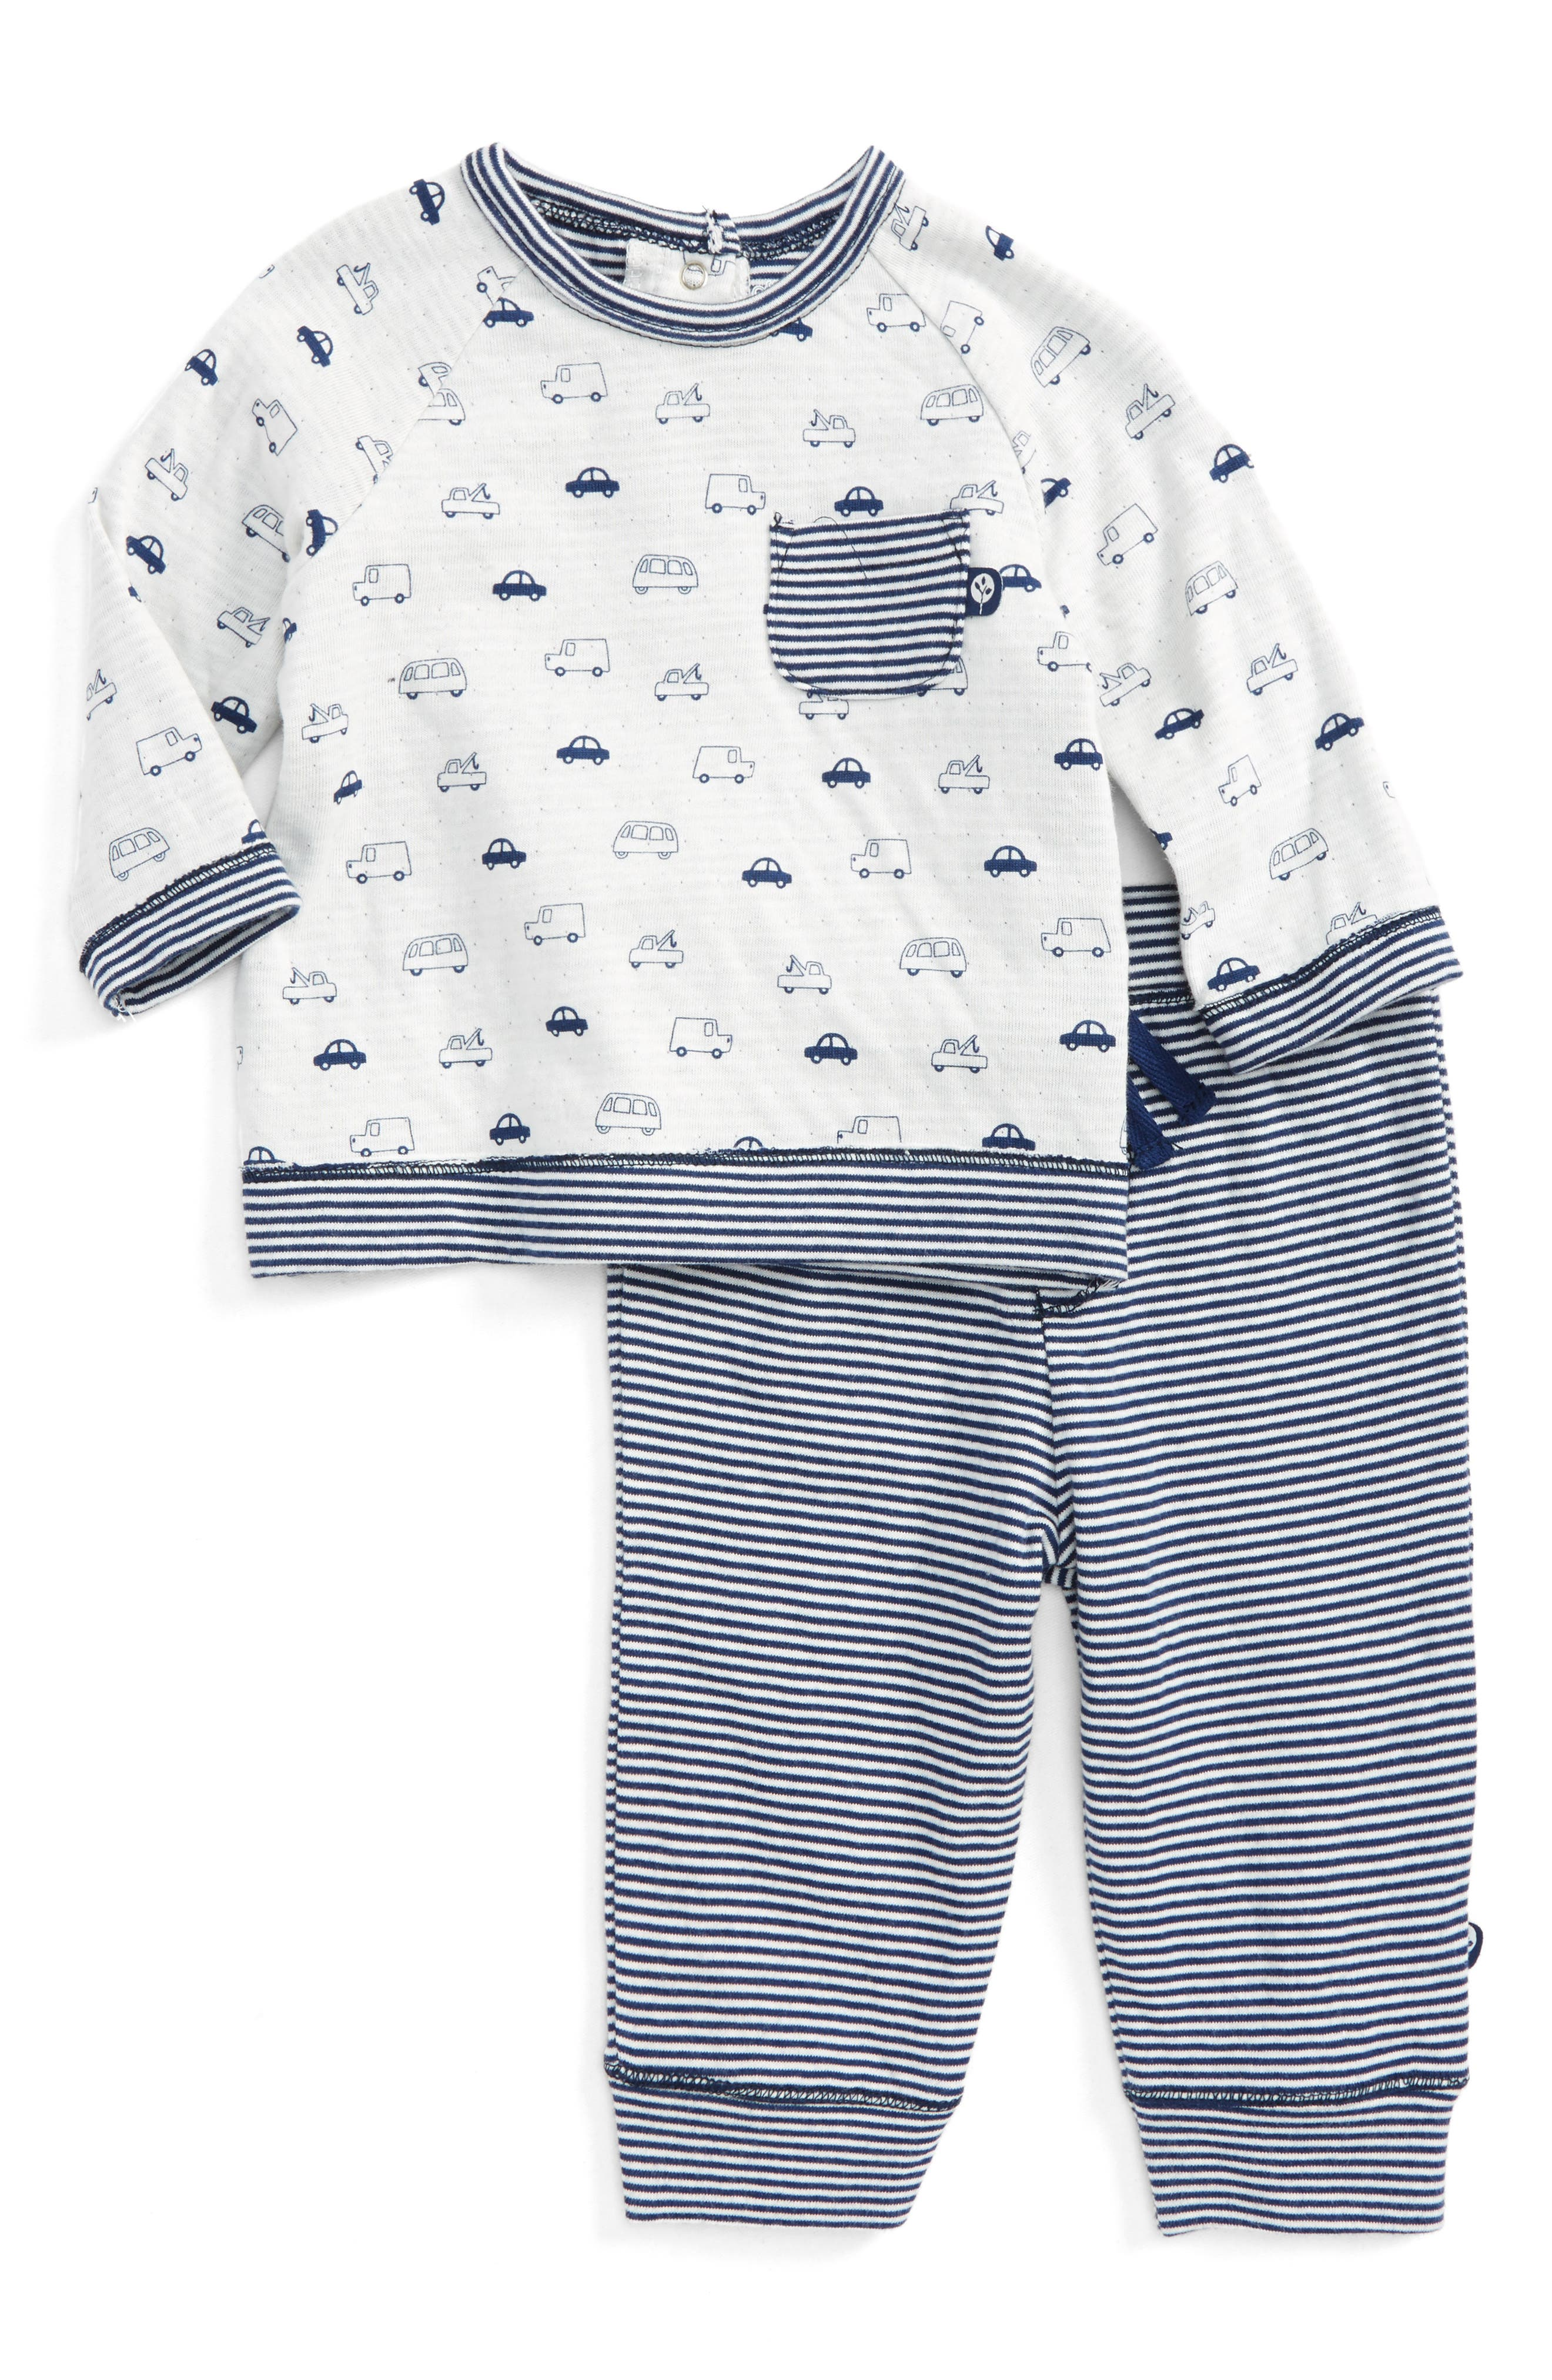 Traffic Circles Sweatshirt & Pants Set,                             Main thumbnail 1, color,